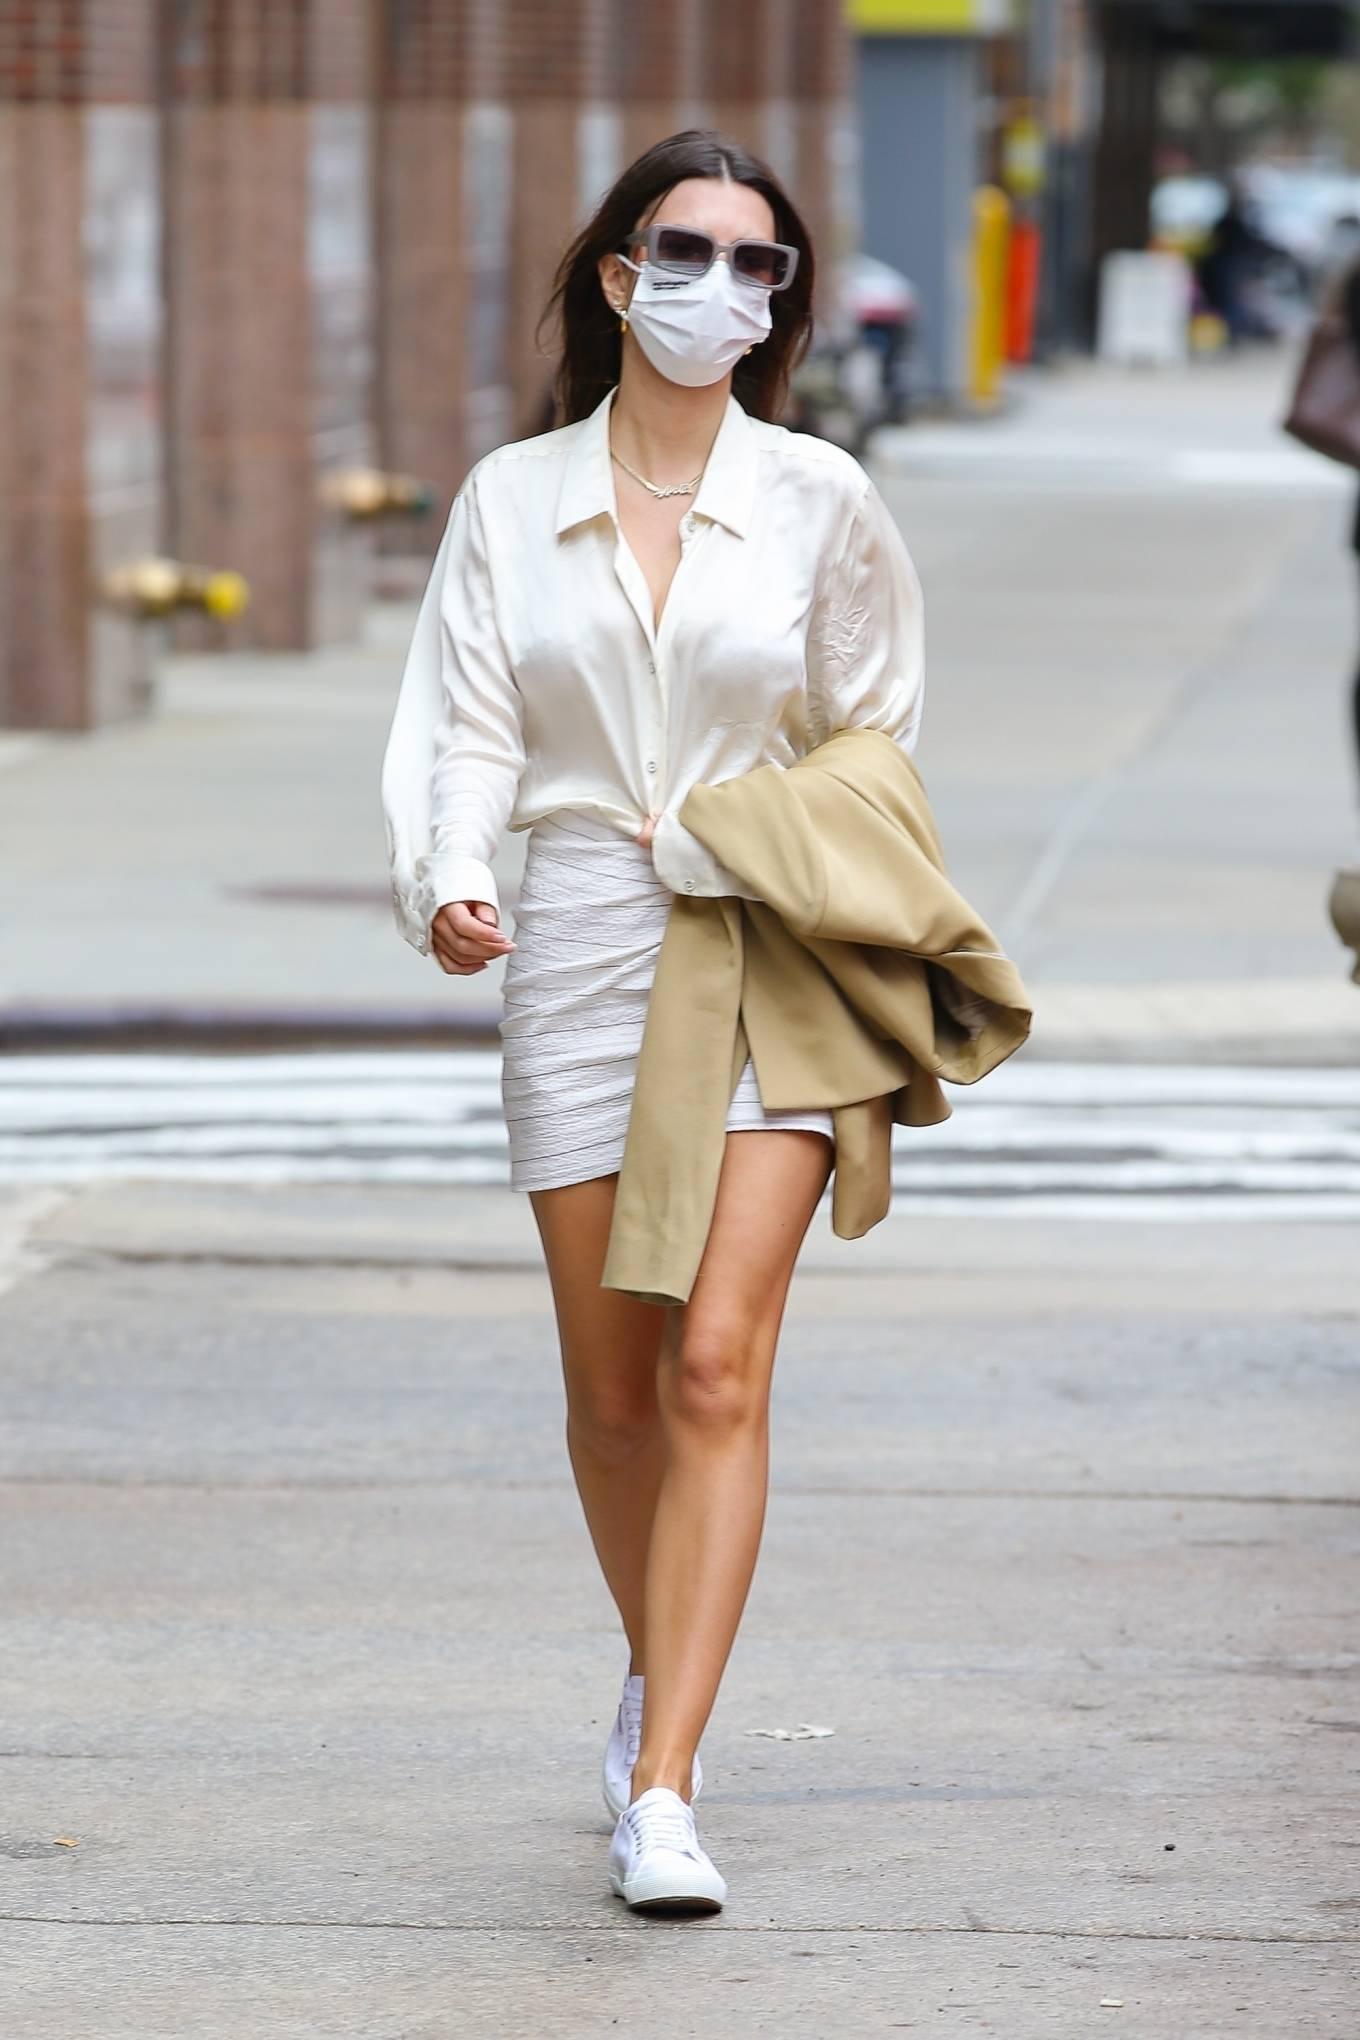 Emily Ratajkowski 2021 : Emily Ratajkowski – In white mini skirt out for a walk in New York-13